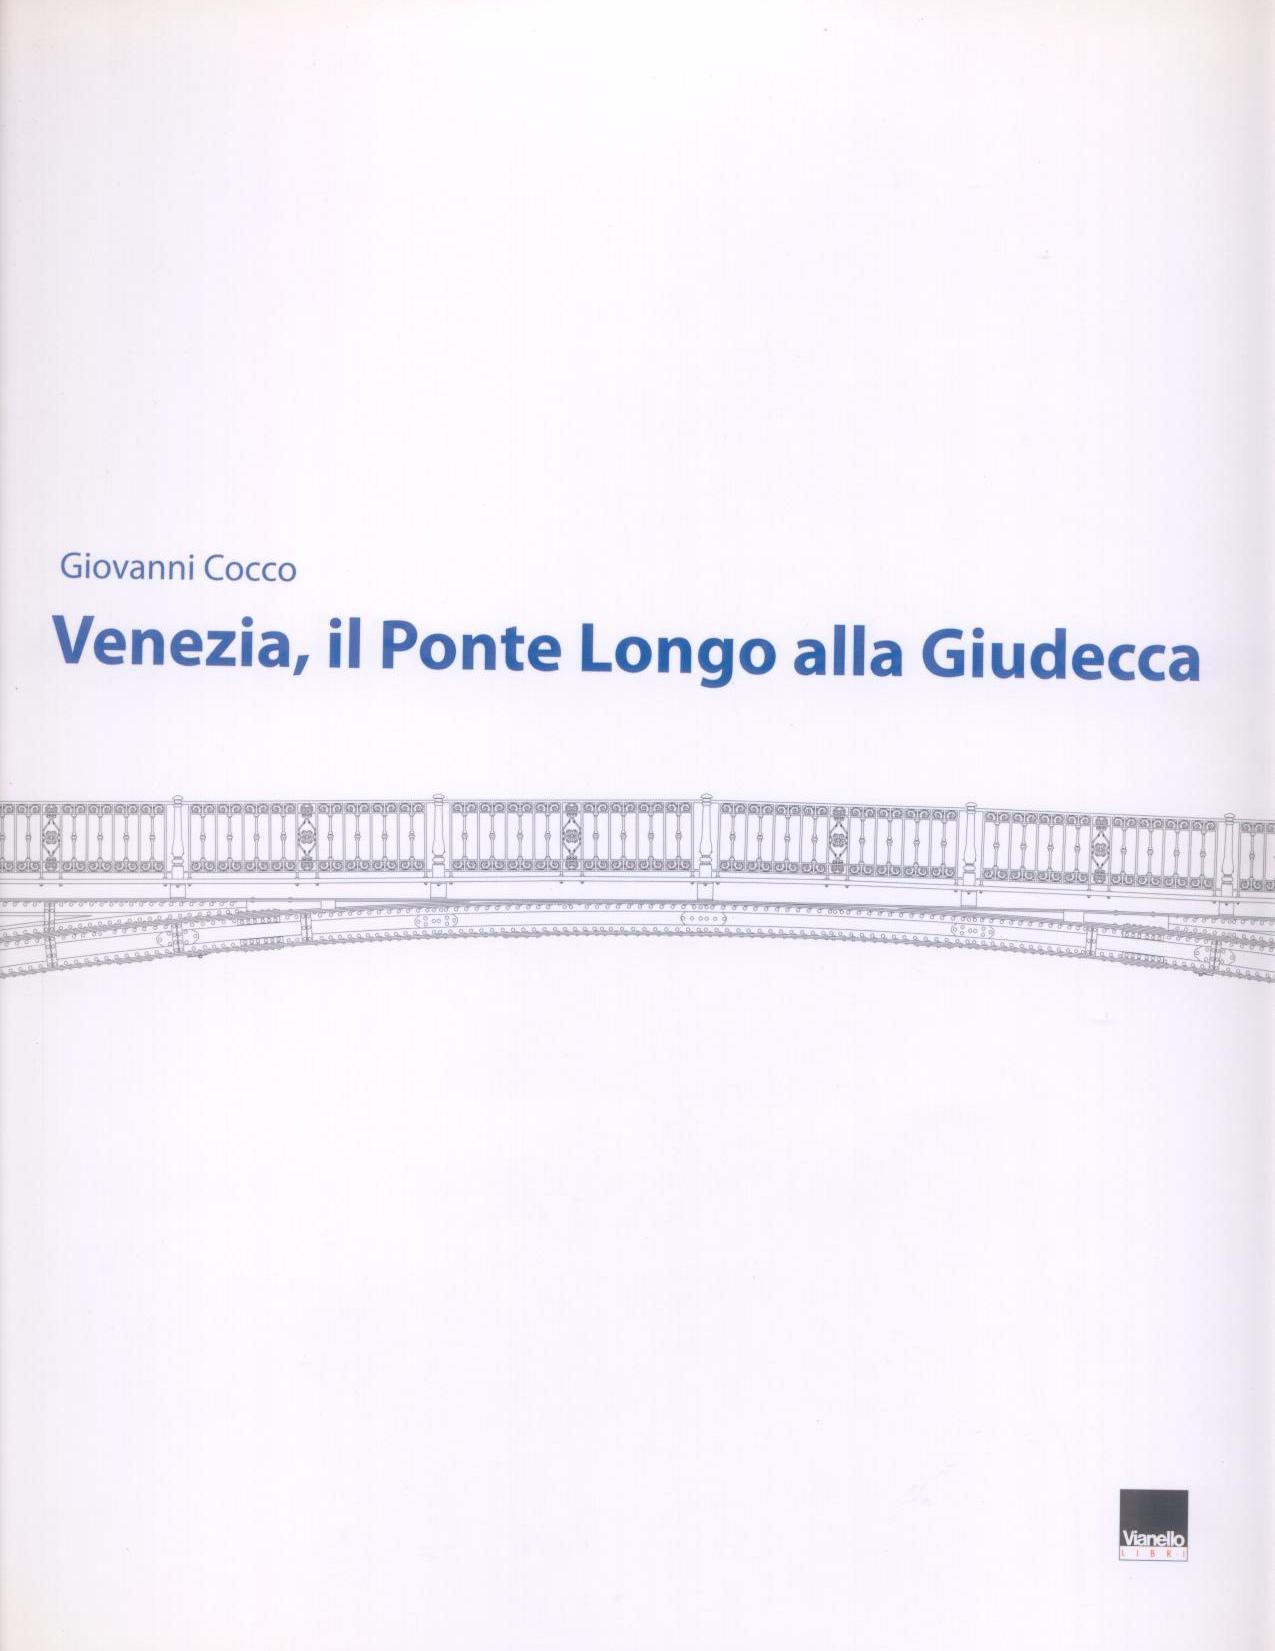 Venezia, il ponte Longo alla Giudecca